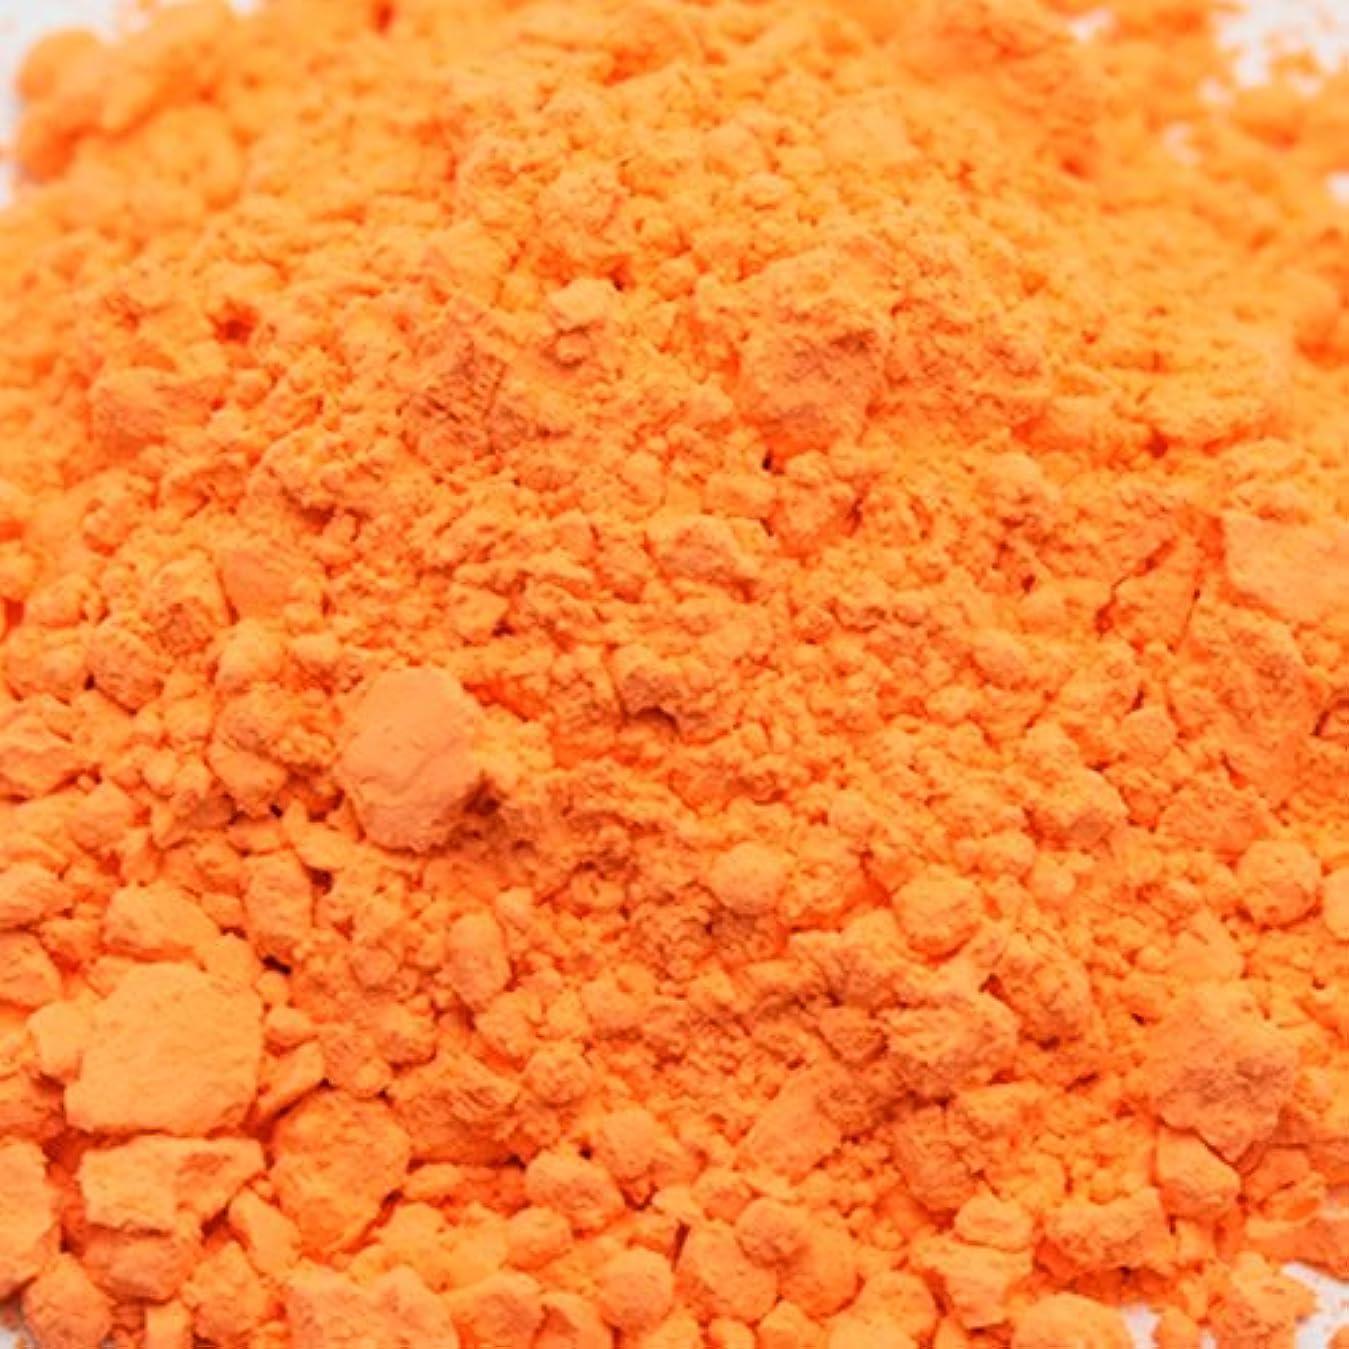 レクリエーションレクリエーション種をまくキャンディカラー オレンジ 5g 【手作り石鹸/手作りコスメ/色付け/カラーラント/オレンジ】